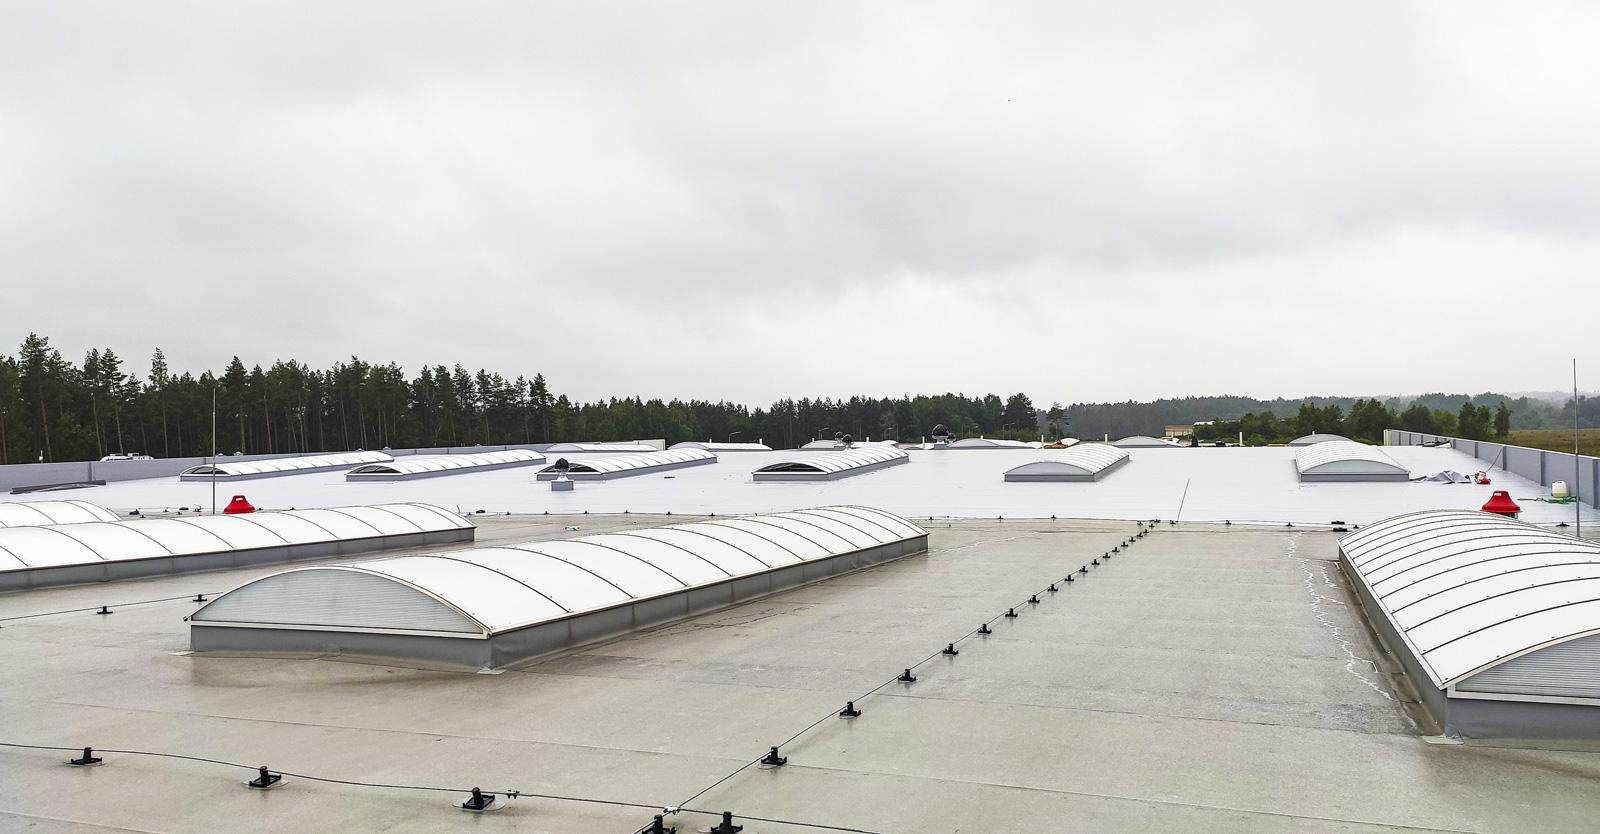 świetliki w dachu hali produkcyjno-magazynowej - inwestycja w Słupskiej SSE, dla firmy Viscon, generalne wykonawstwo CoBouw Polska